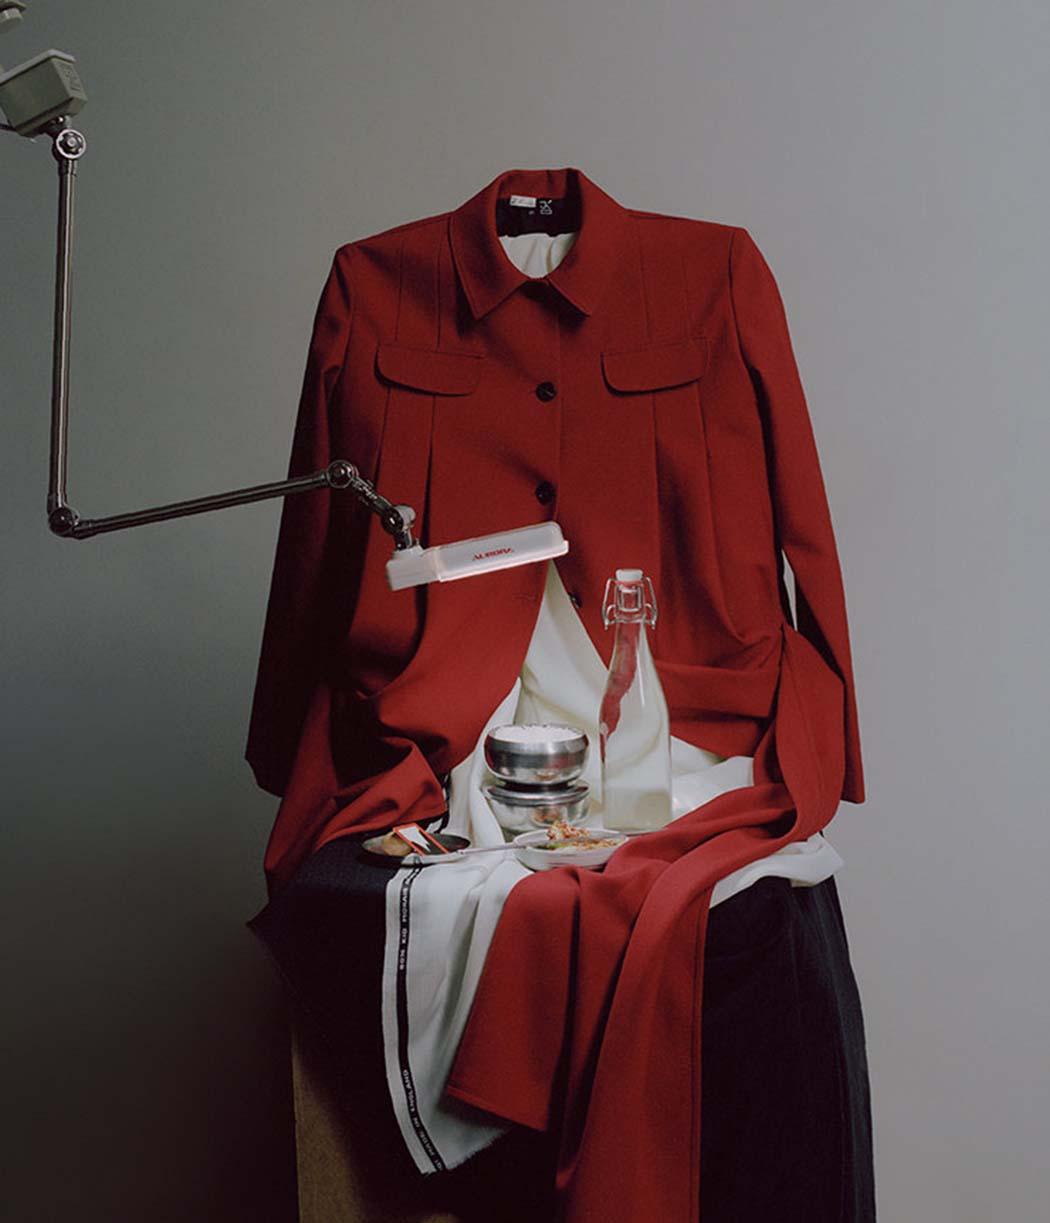 Fashion-JKimFW17-Still Lifes-EugeneShishkin-05